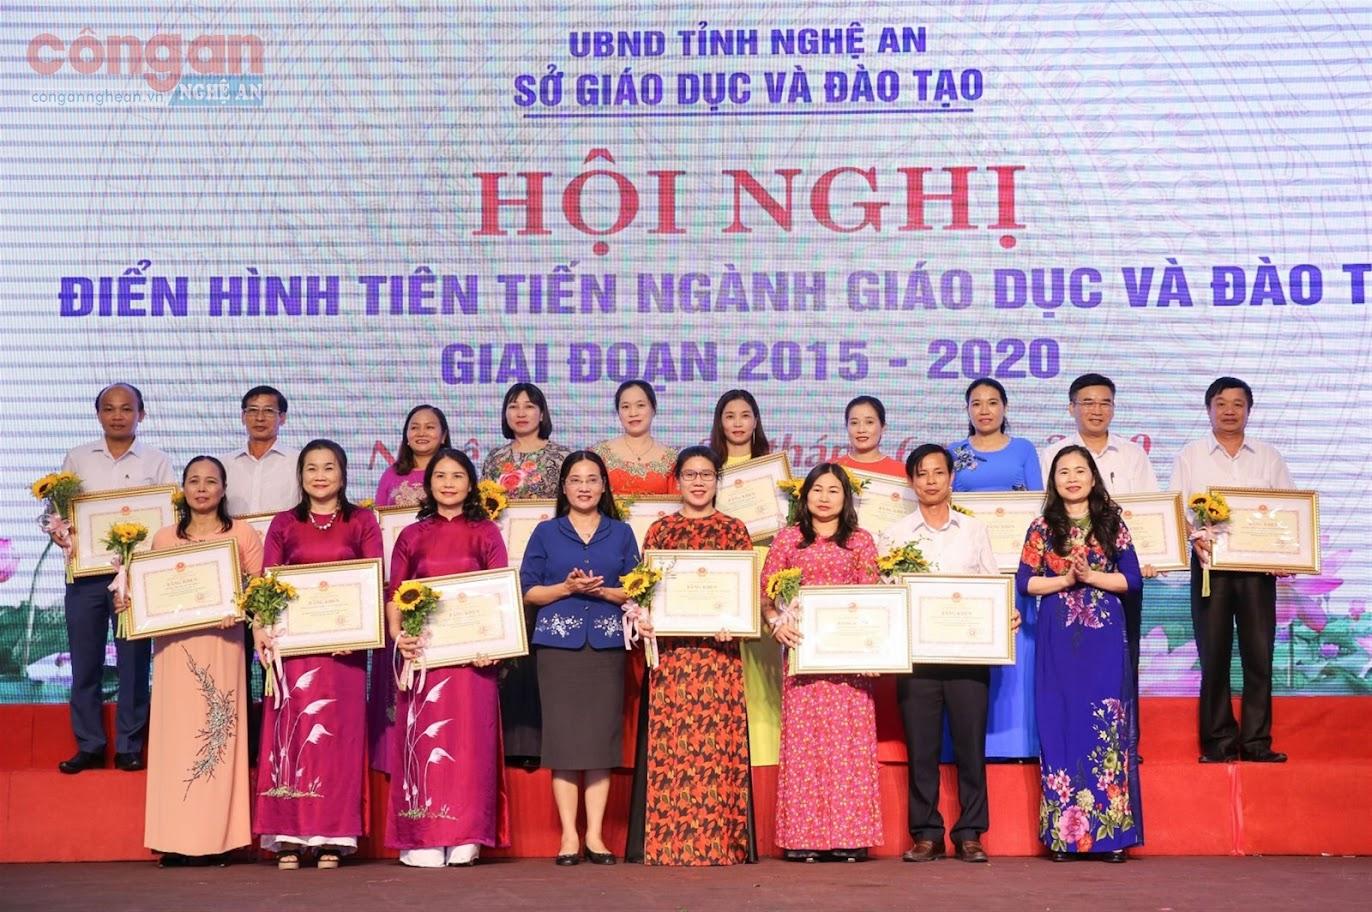 Lãnh đạo HĐND tỉnh Nghệ An trao thưởng cho các tập thể điển hình